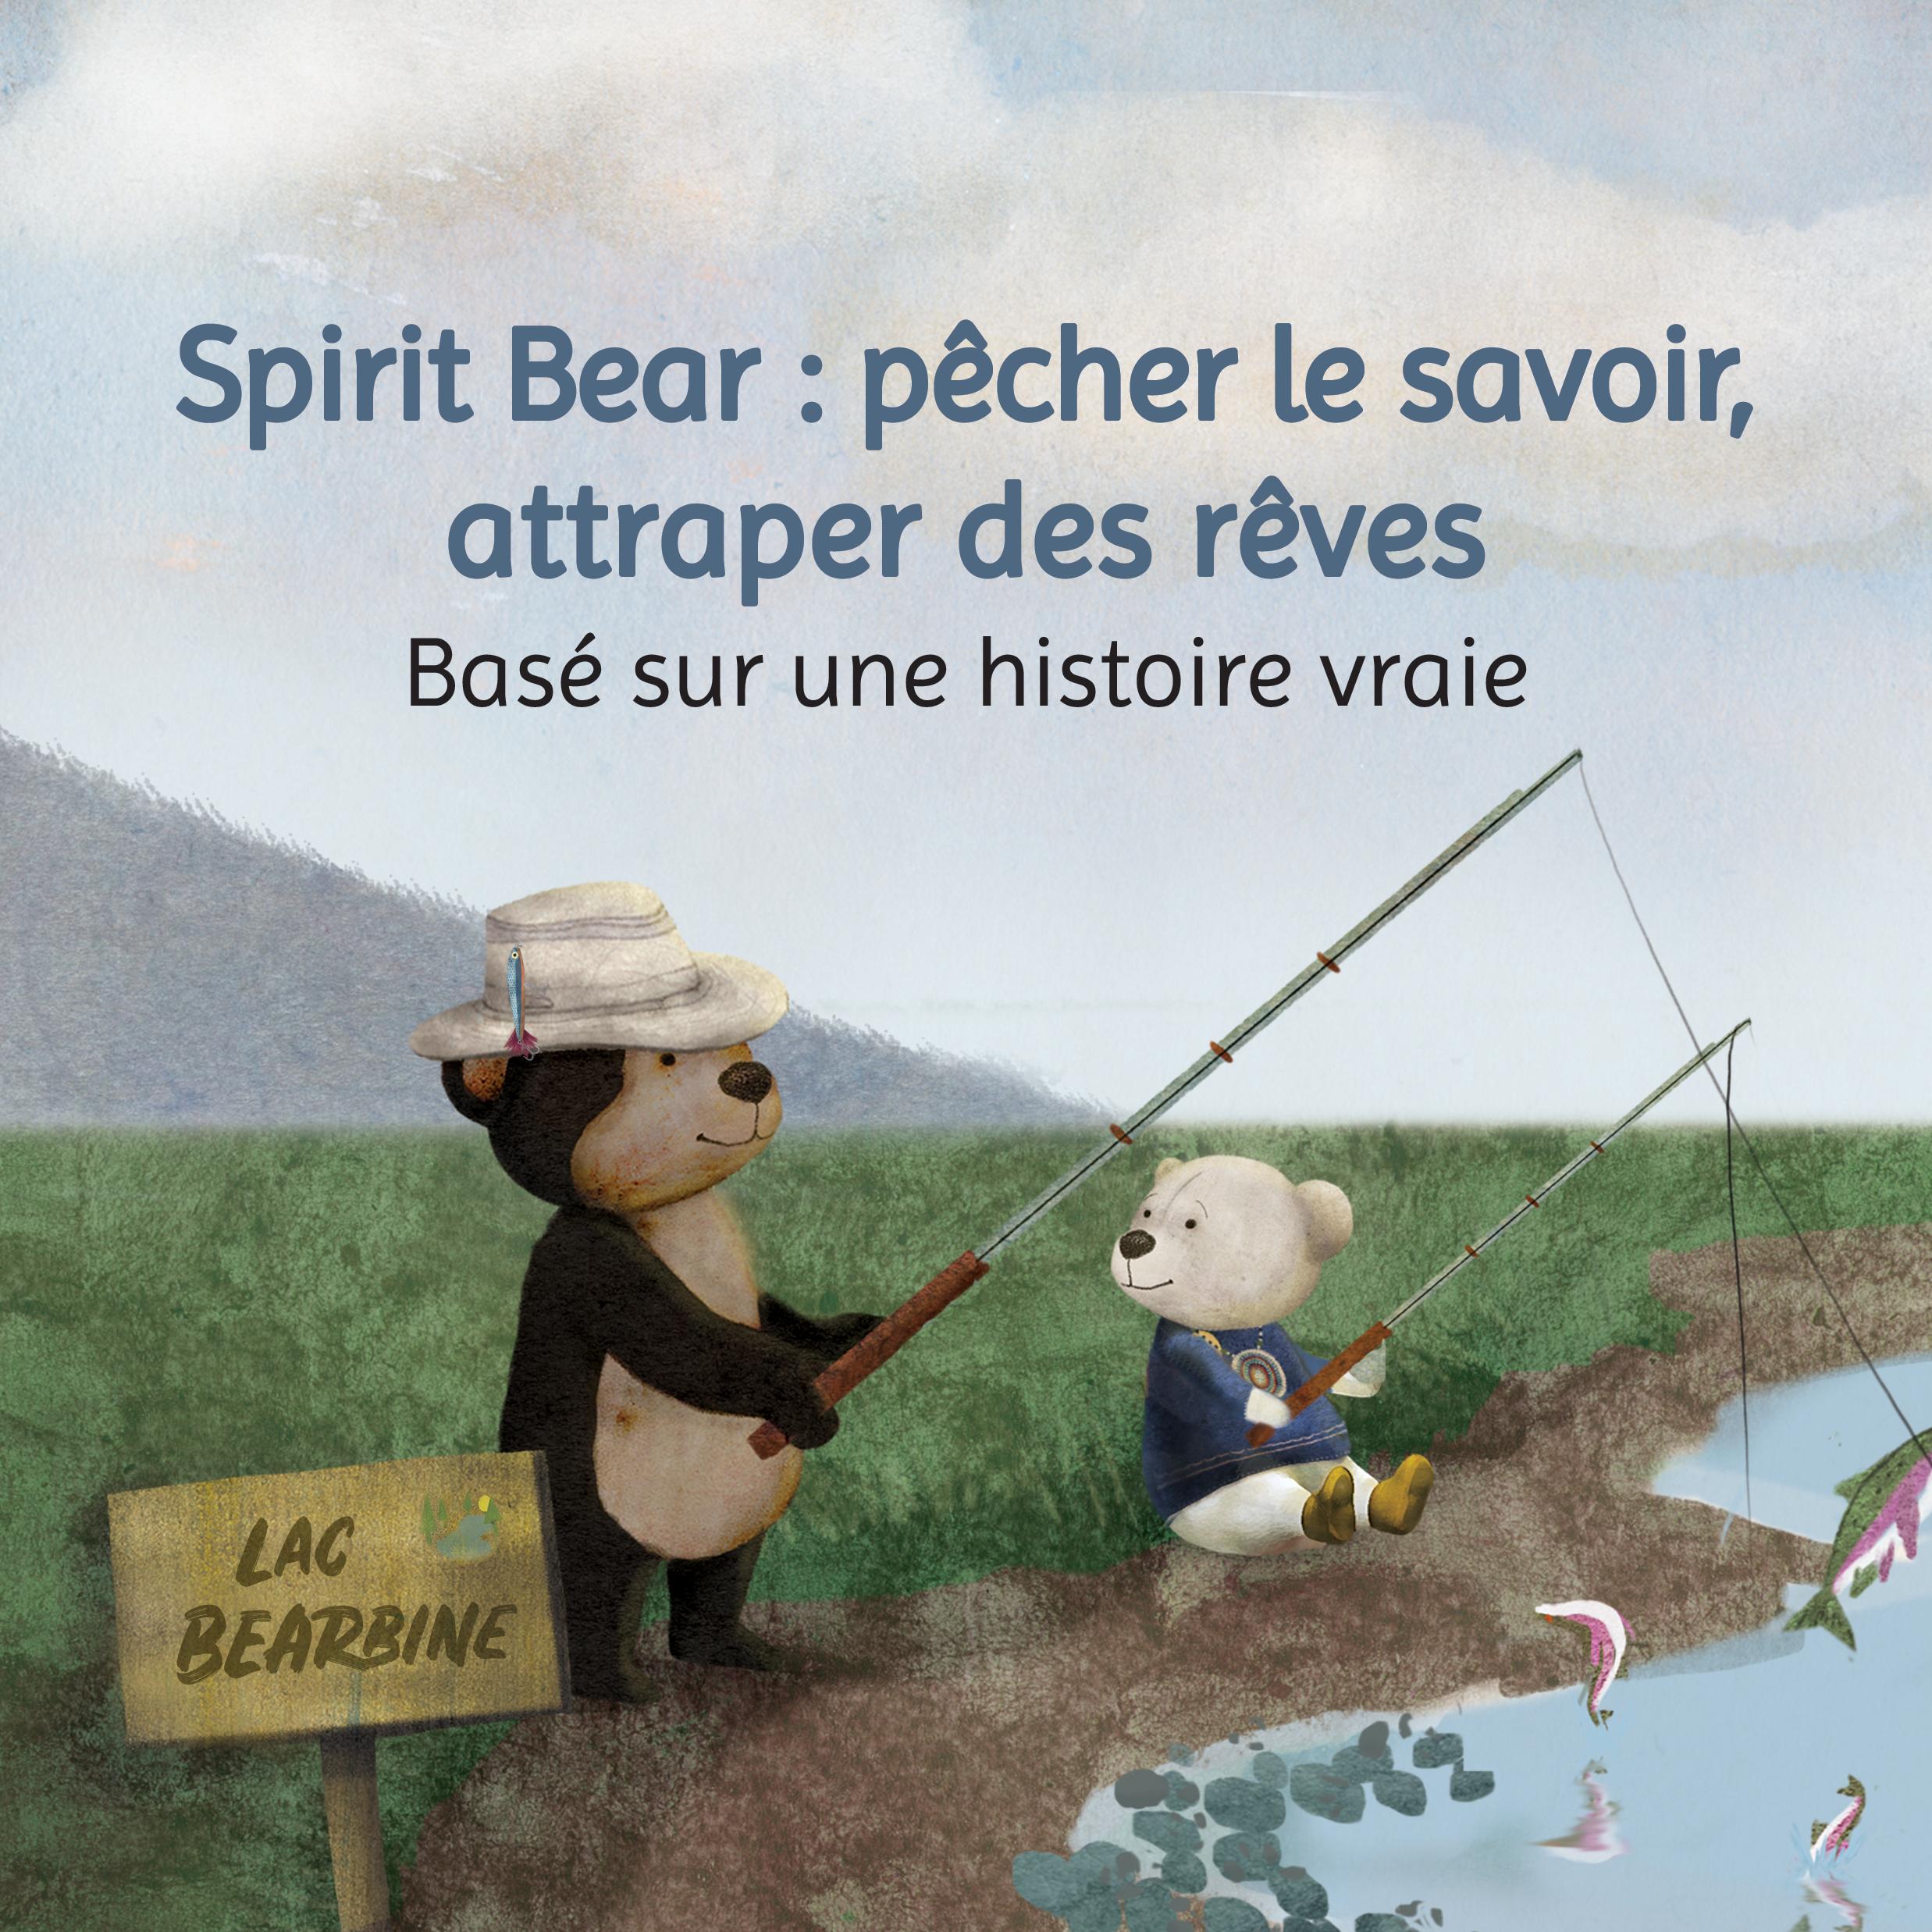 Spirit Bear : pêcher le savoir, attraper des rêves